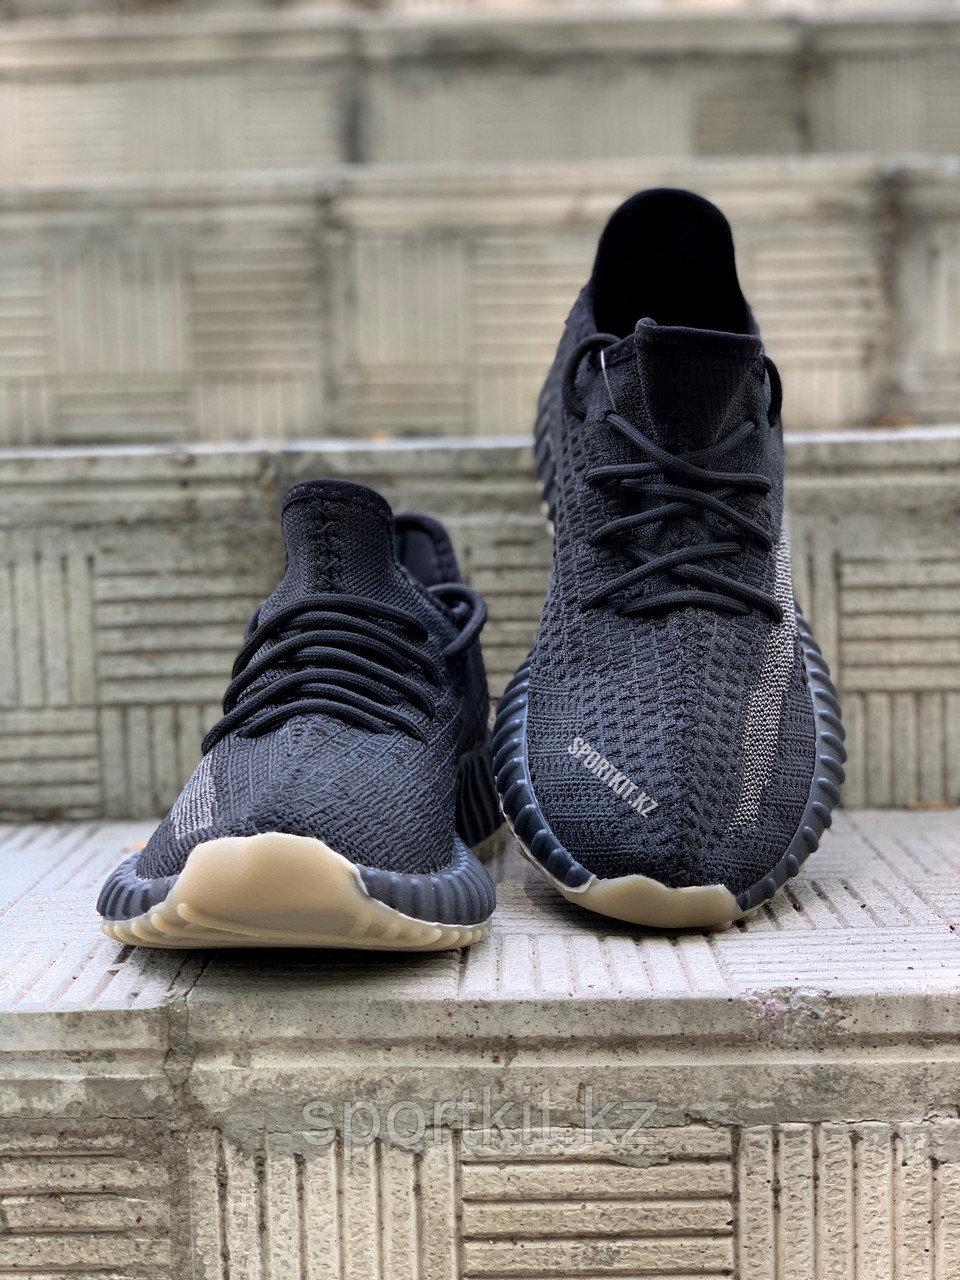 Кросс Adidas Yeezy 350 черн - фото 2